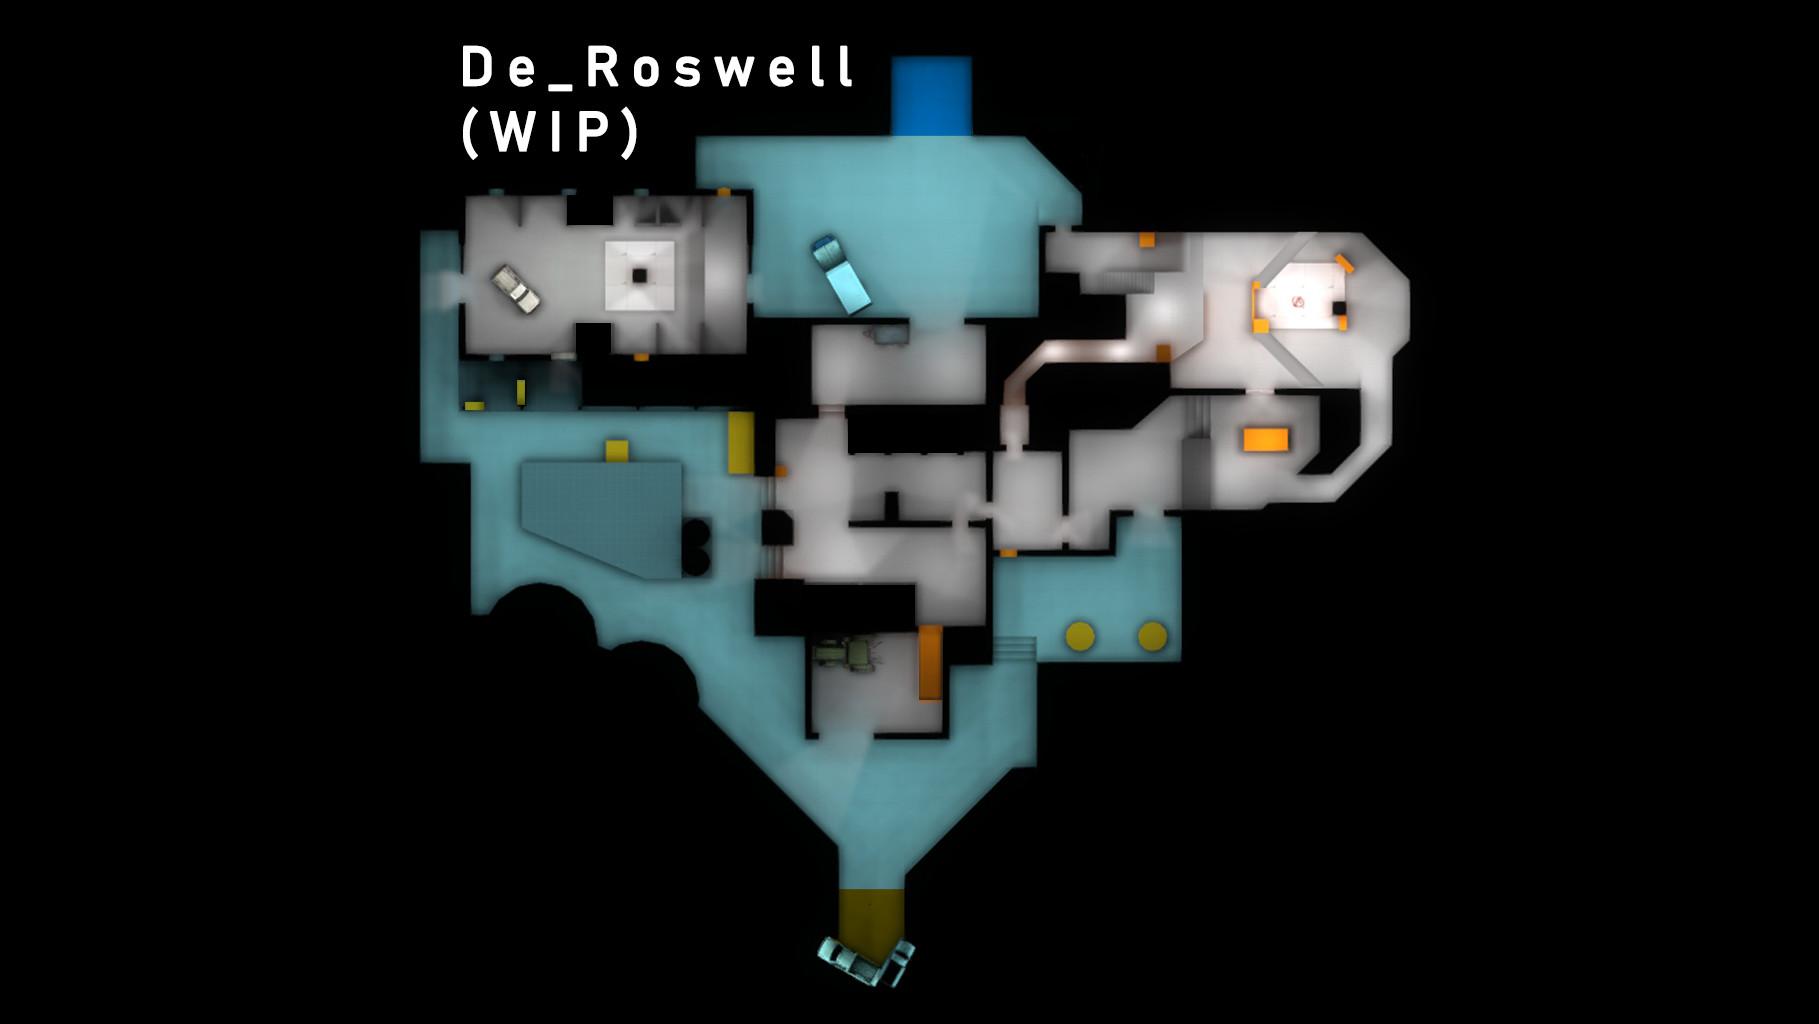 De_Roswell_Radar_Thumbnail.jpg.977dd43e408a853f78d7e0b1e9b30f13.jpg